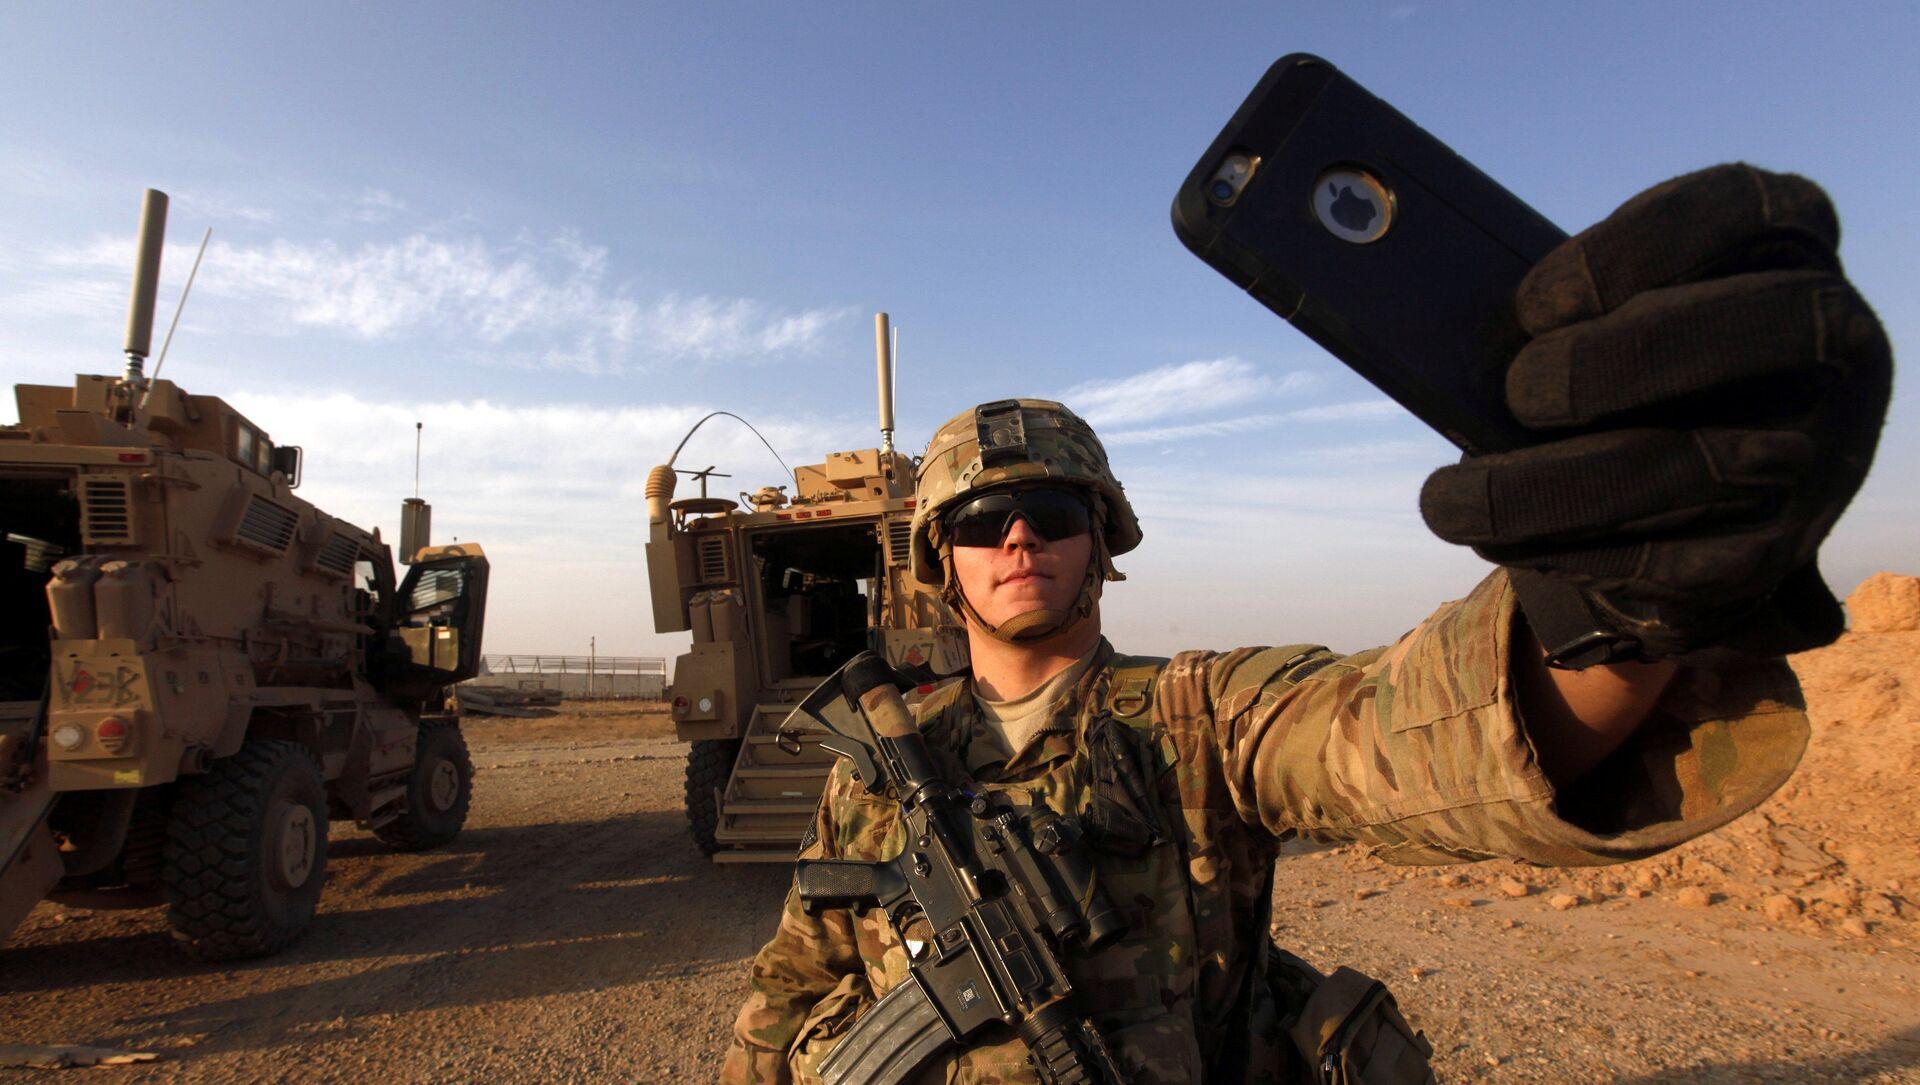 Amerykański żołnierz robi sobie selfie, Mosul, 2016 rok  - Sputnik Polska, 1920, 16.05.2021